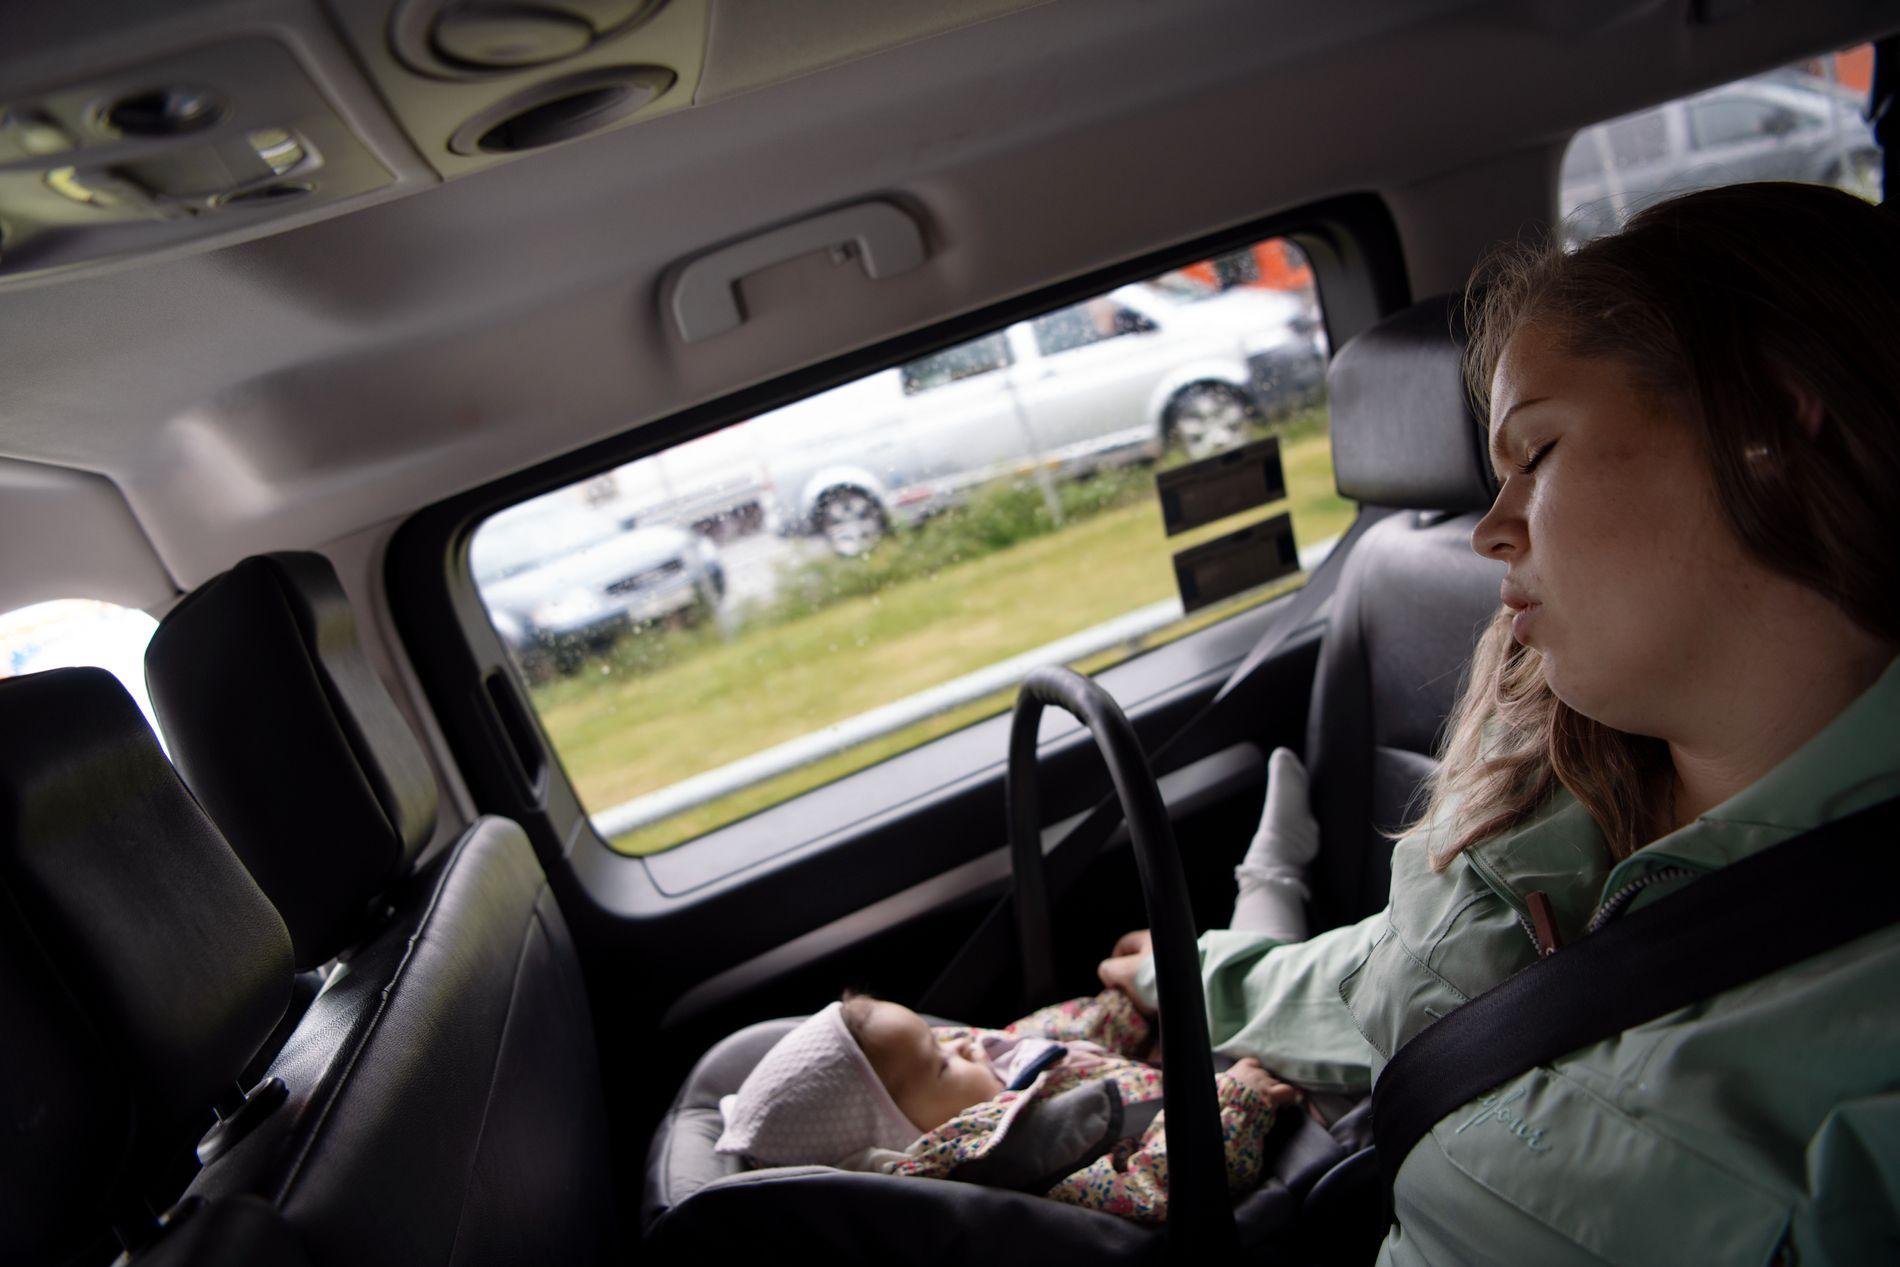 PÅ REISE: Det har blitt mange turer til ulike sykehus for Isabella og foreldrene fra Etnesvågen utenfor Molde. Her er mamma Ragnhild Halsten i taxi på vei til hurtigbåten fra Trondheim til Kristiansund etter at Isabella fikk operert inn matsonde i magen ved St. Olavs hospital i juni.